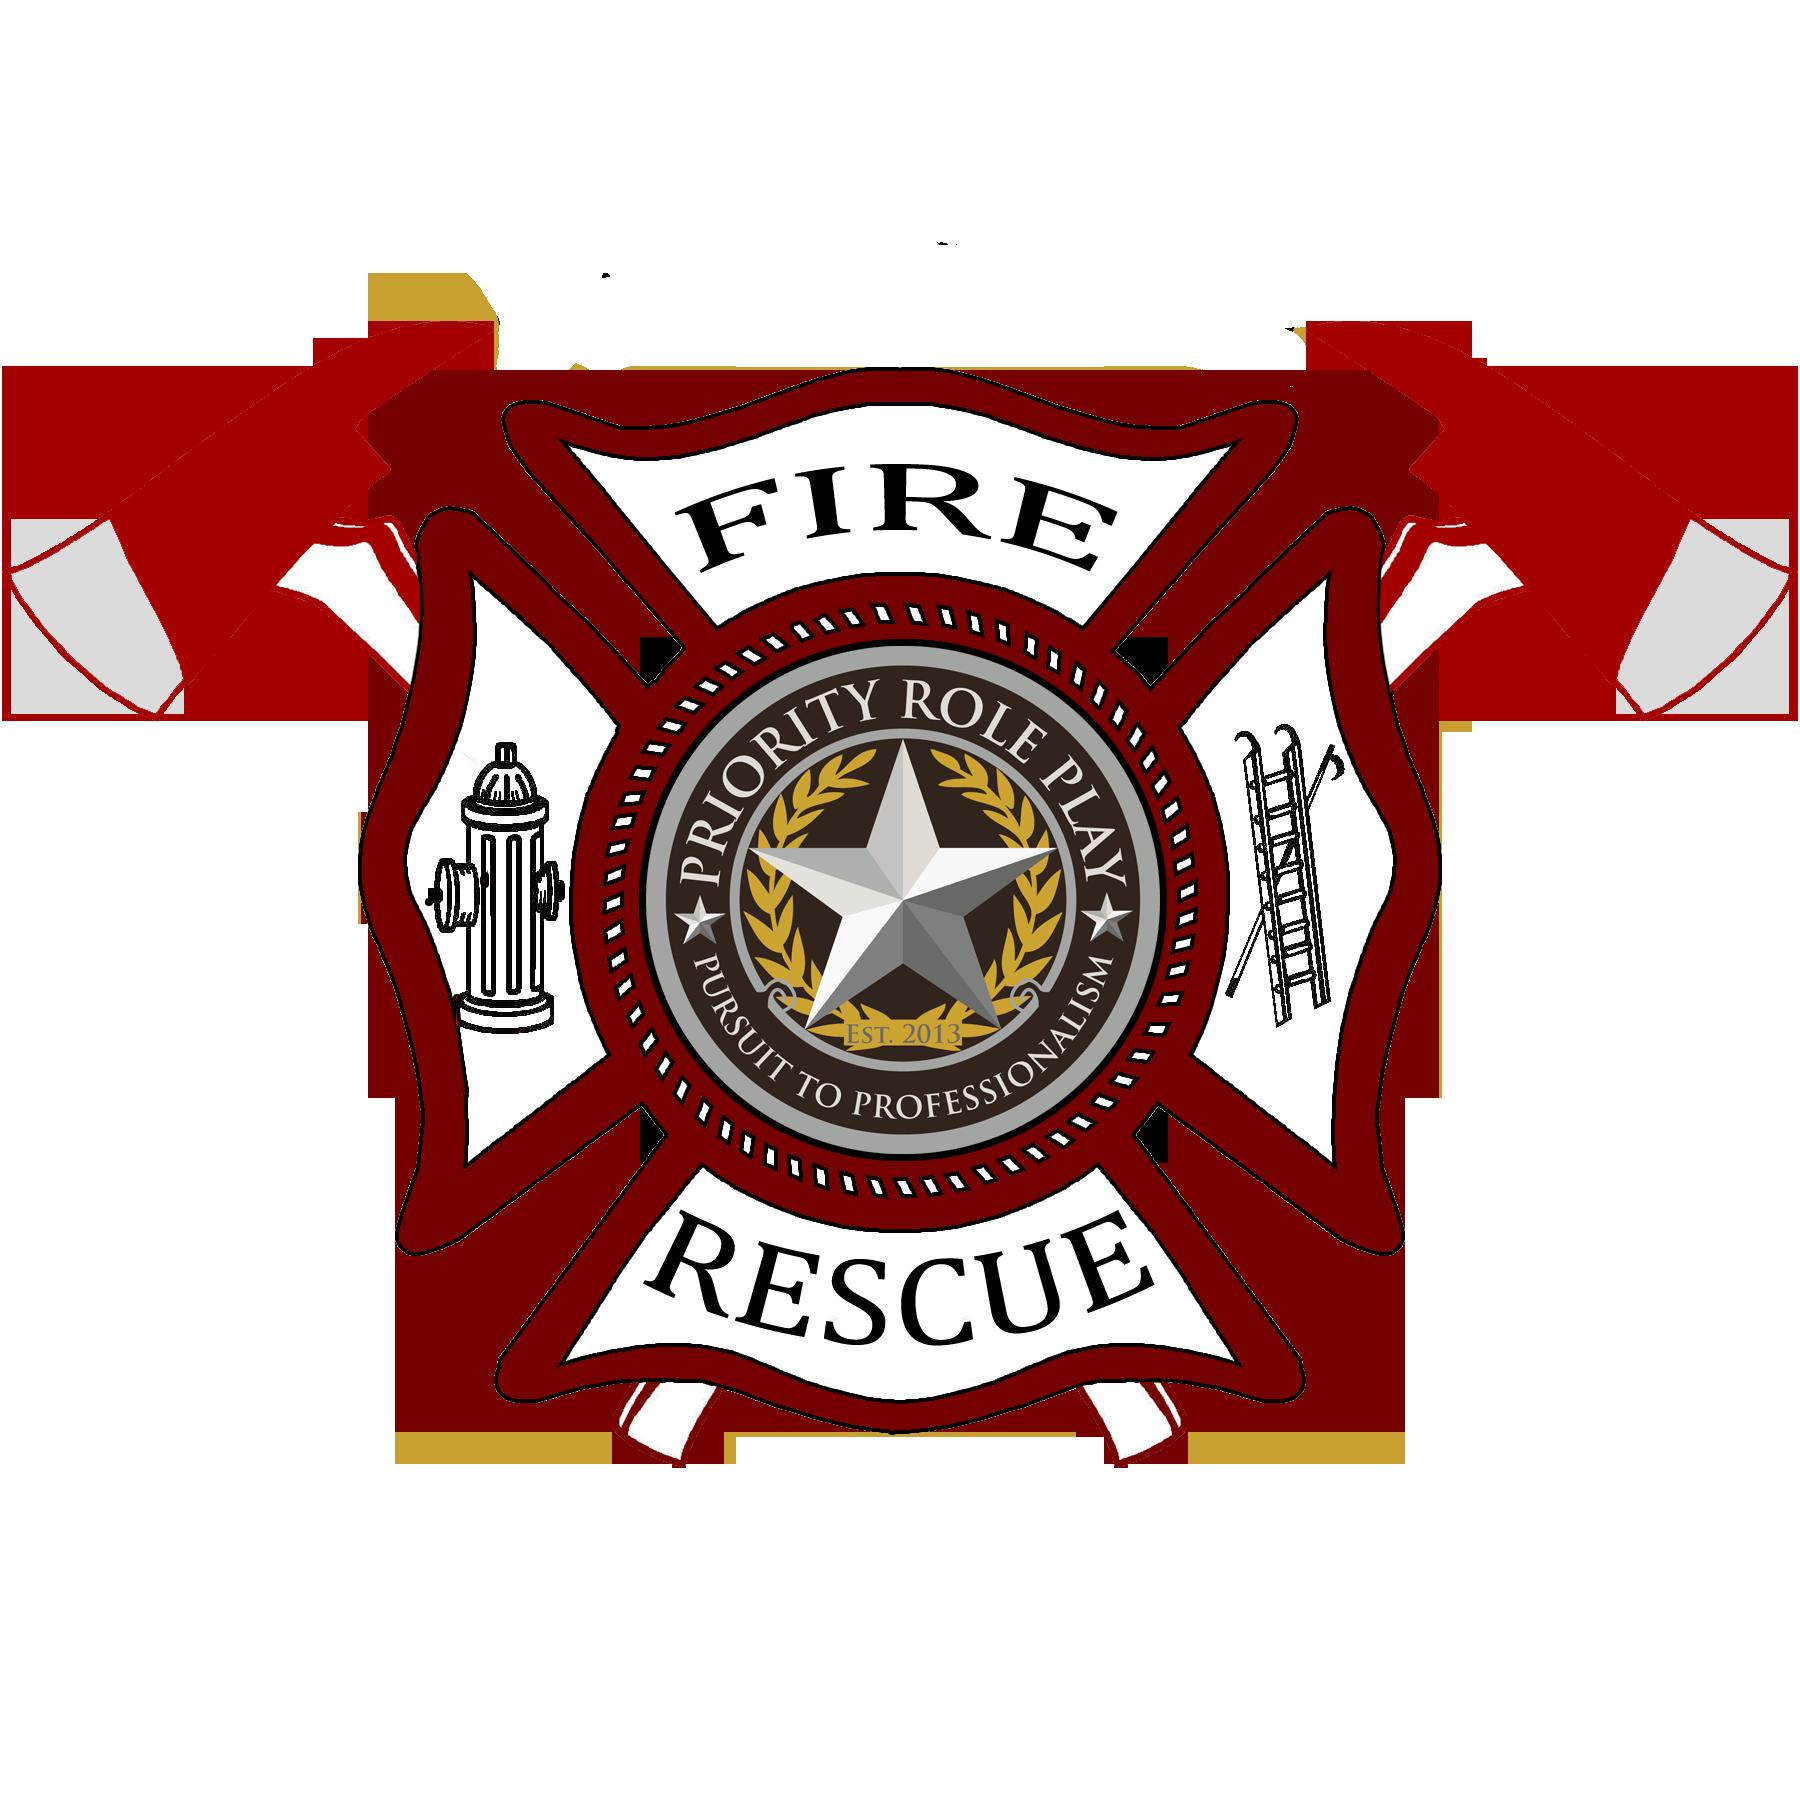 Fire dept logos prp. Firefighter clipart emblem